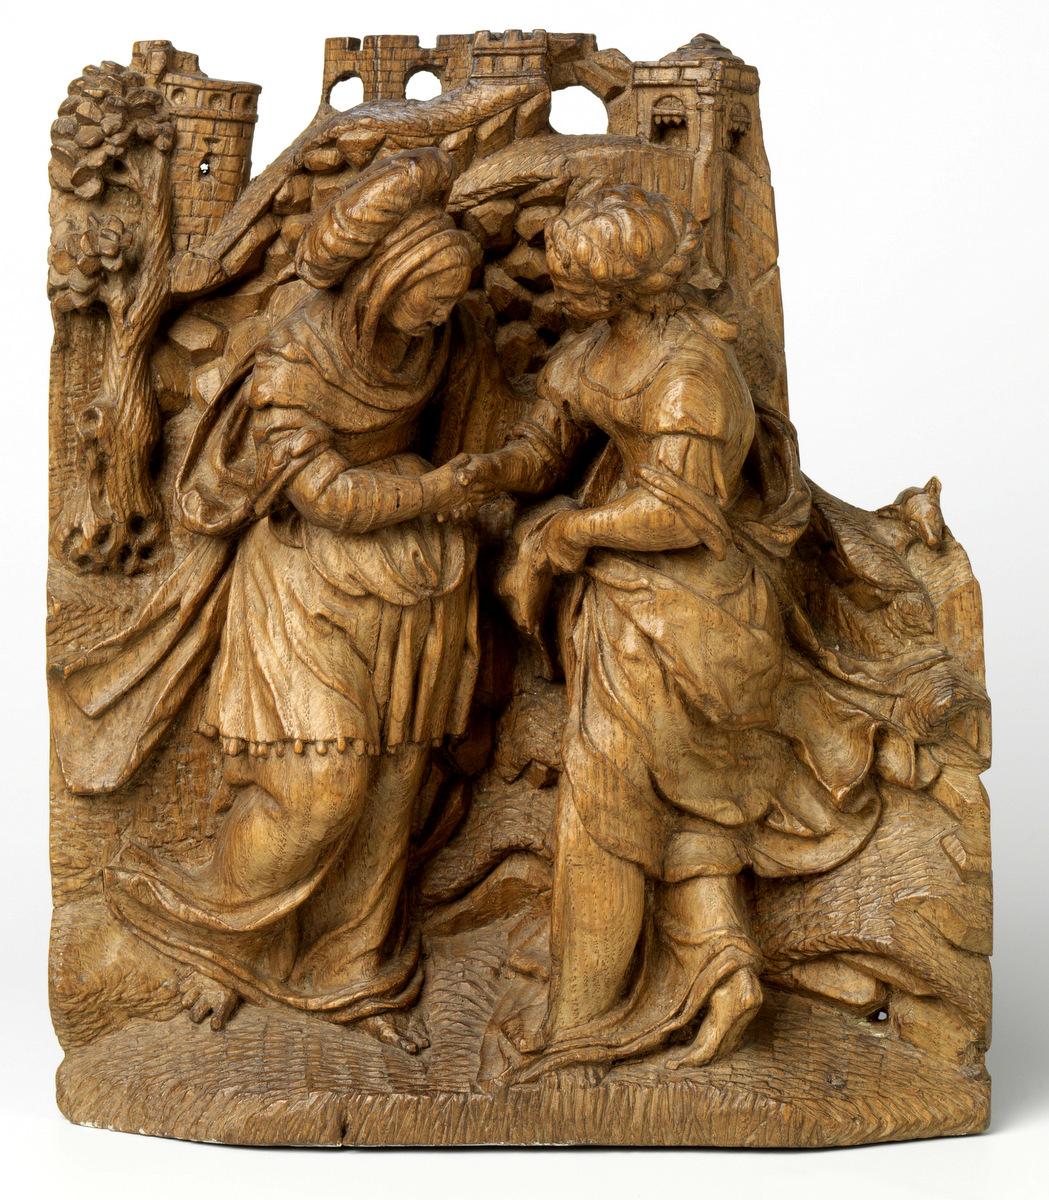 Відвідини: зустріч Марії та Єлизавети, автор невідомий, барельєф, дуб, 1525 - 1549рр., Голландія